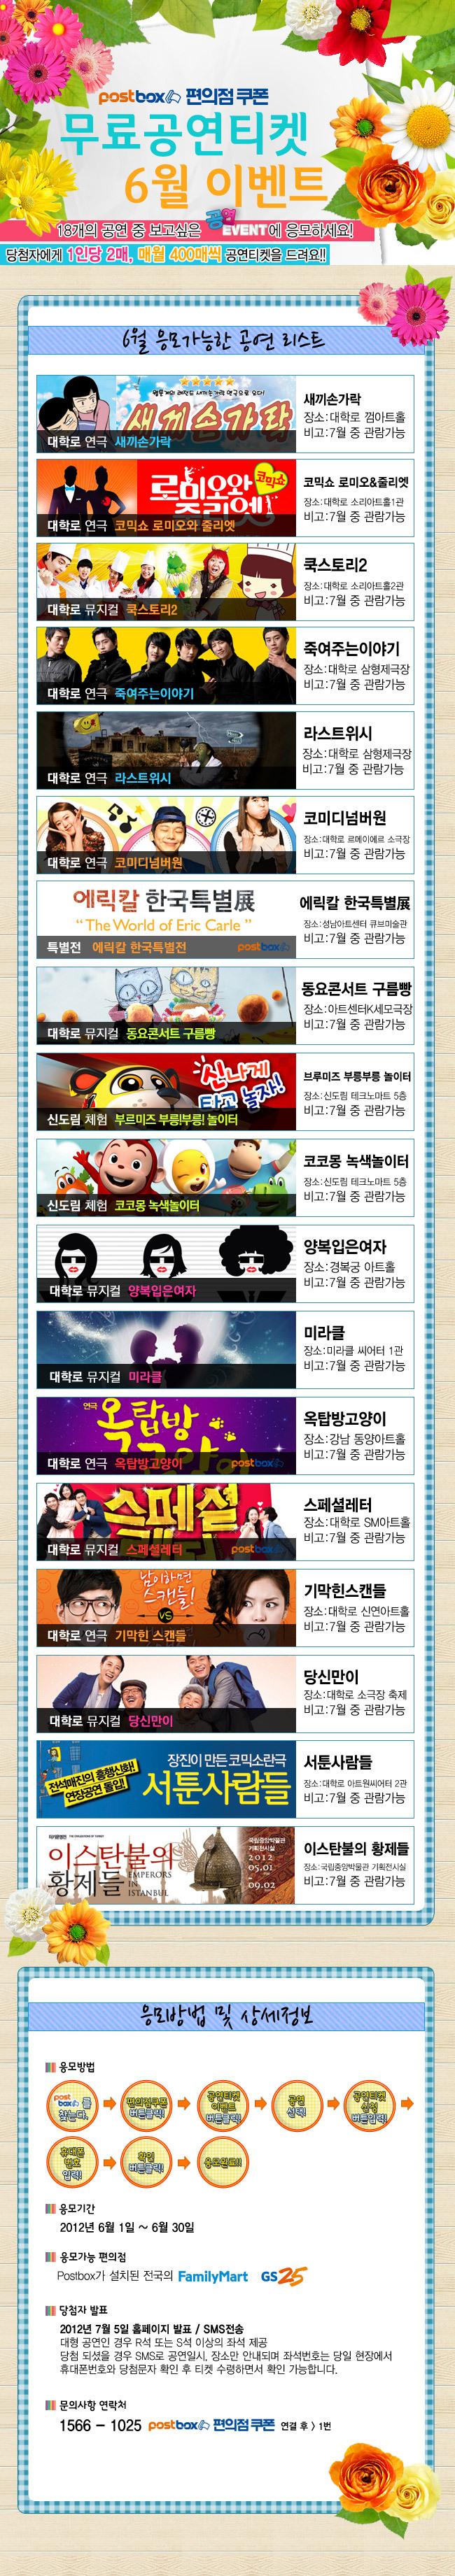 Postbox 편의점쿠폰 6월 공연티켓 이벤트